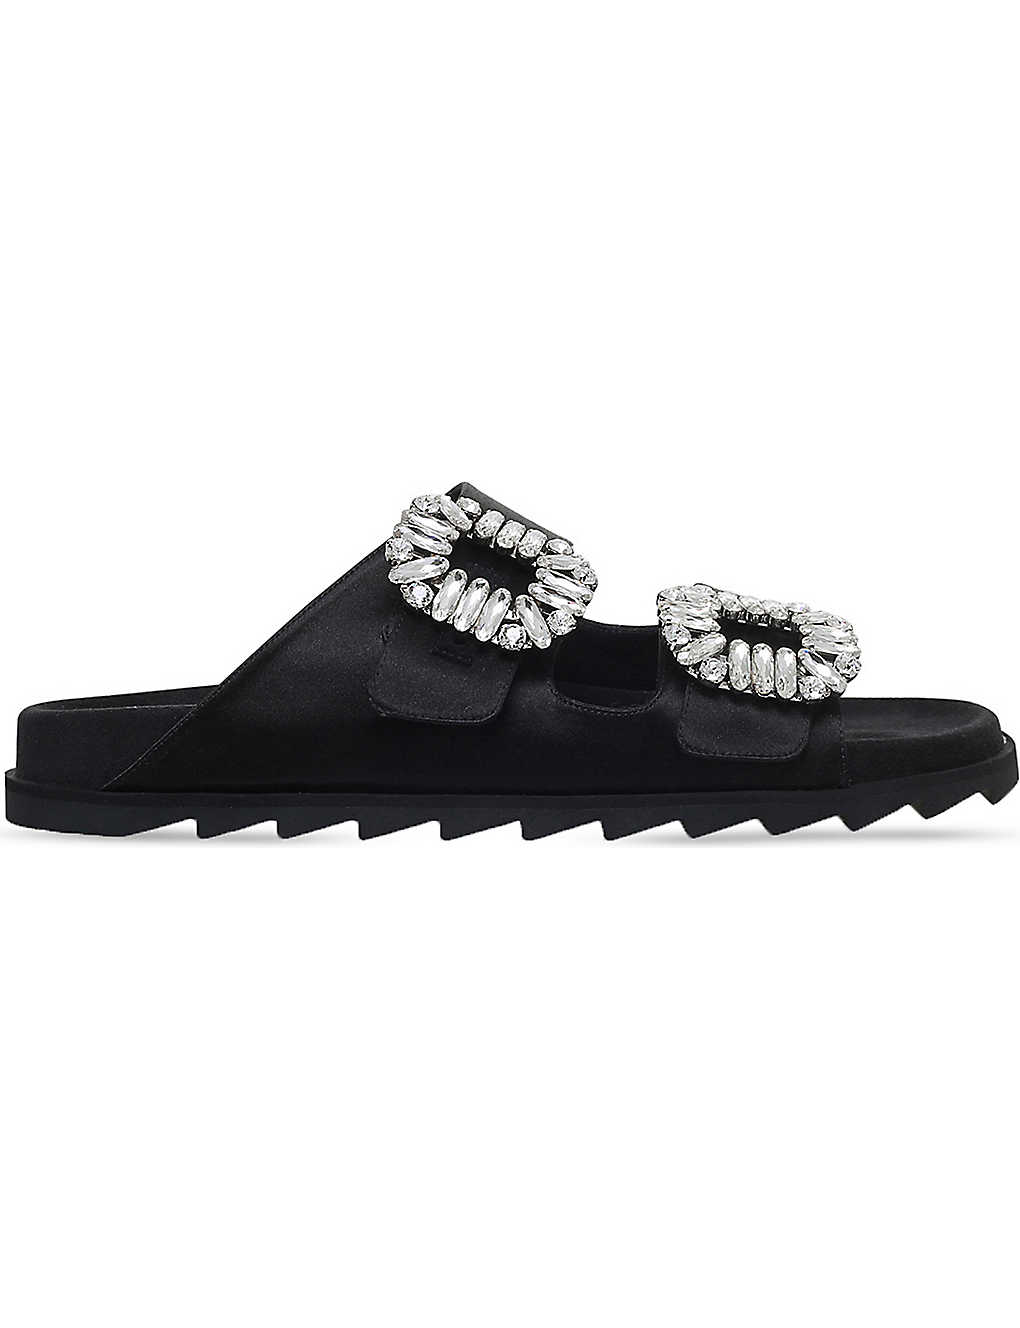 7d78759516e8 ROGER VIVIER - Viv silk-satin slider sandals